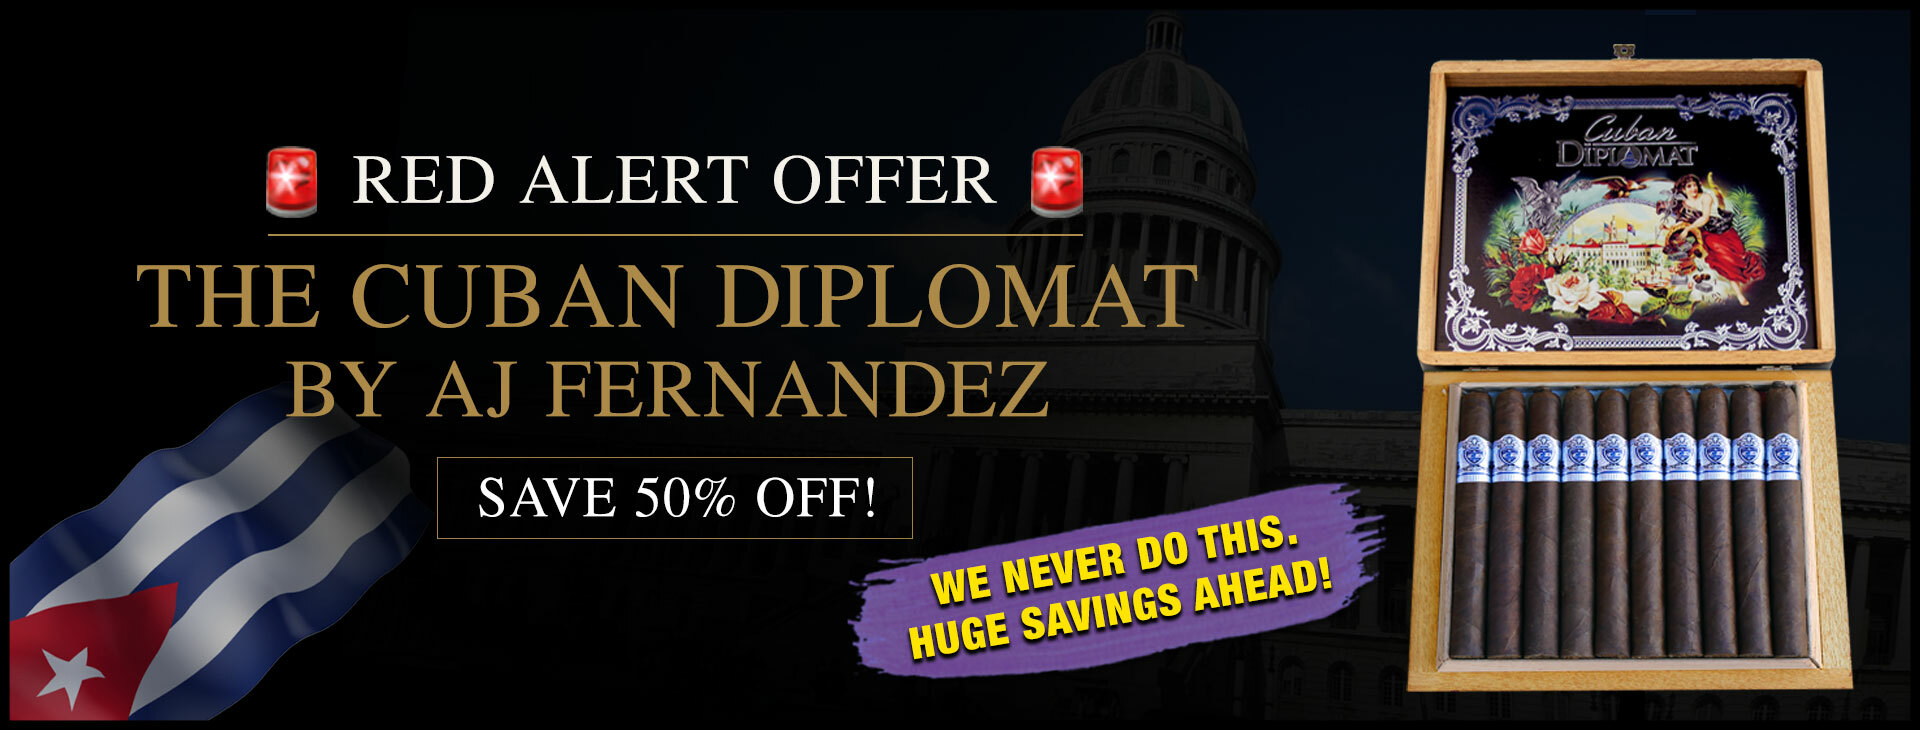 RARE 50% OFF CUBAN DIPLOMAT BY AJ FERNANDEZ!